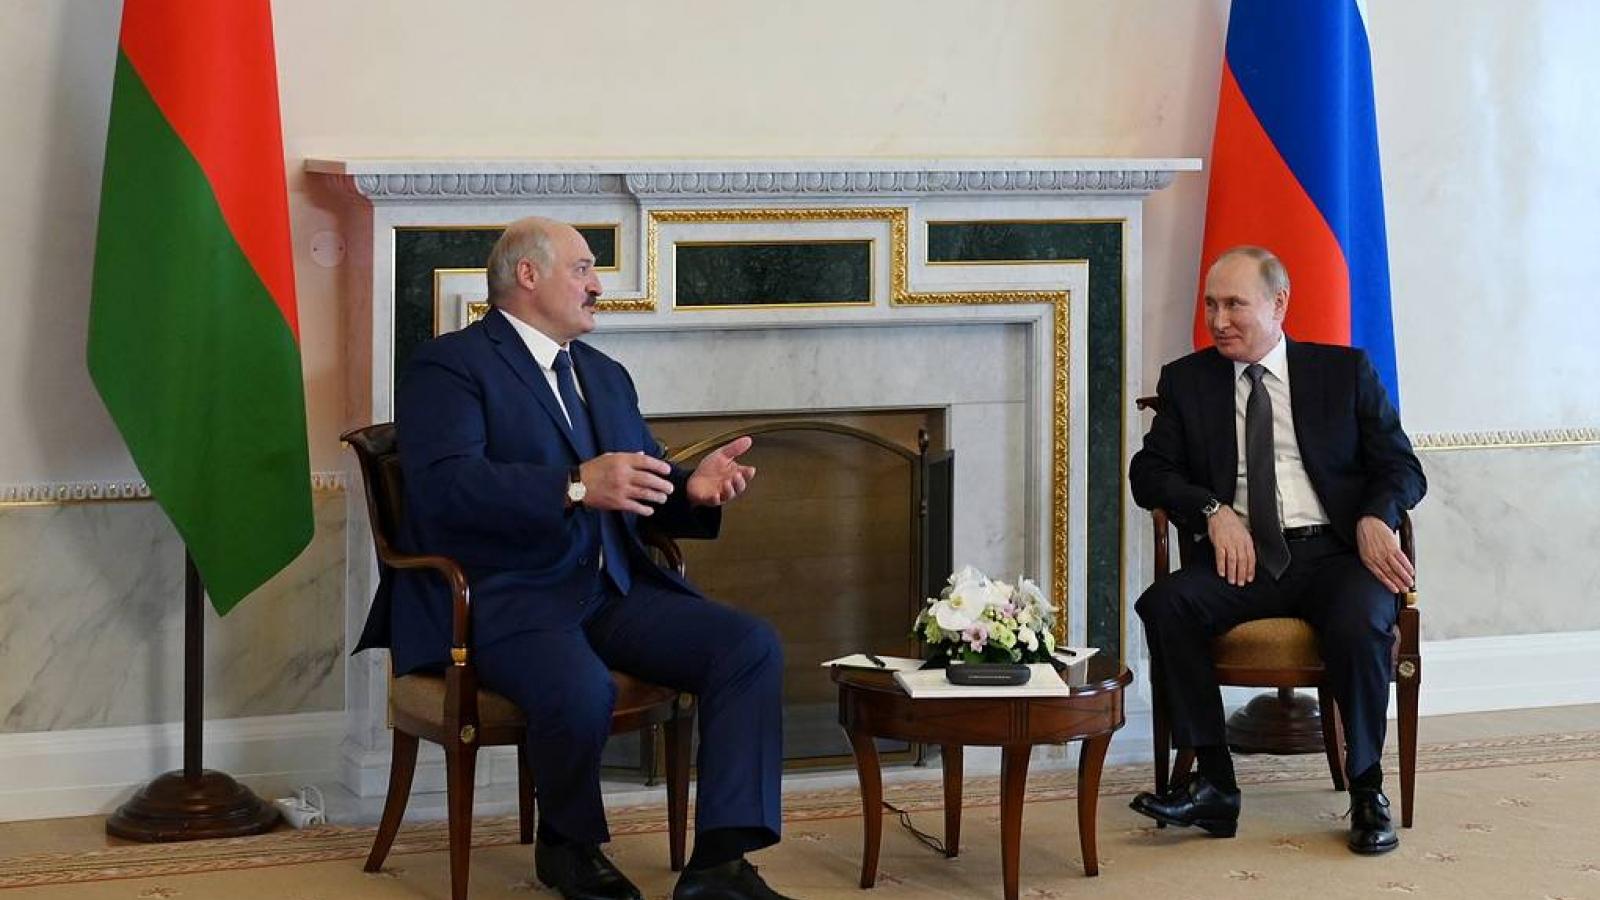 Belarus là đối tác lớn và đáng tin cậy của Nga trong lĩnh vực kinh tế